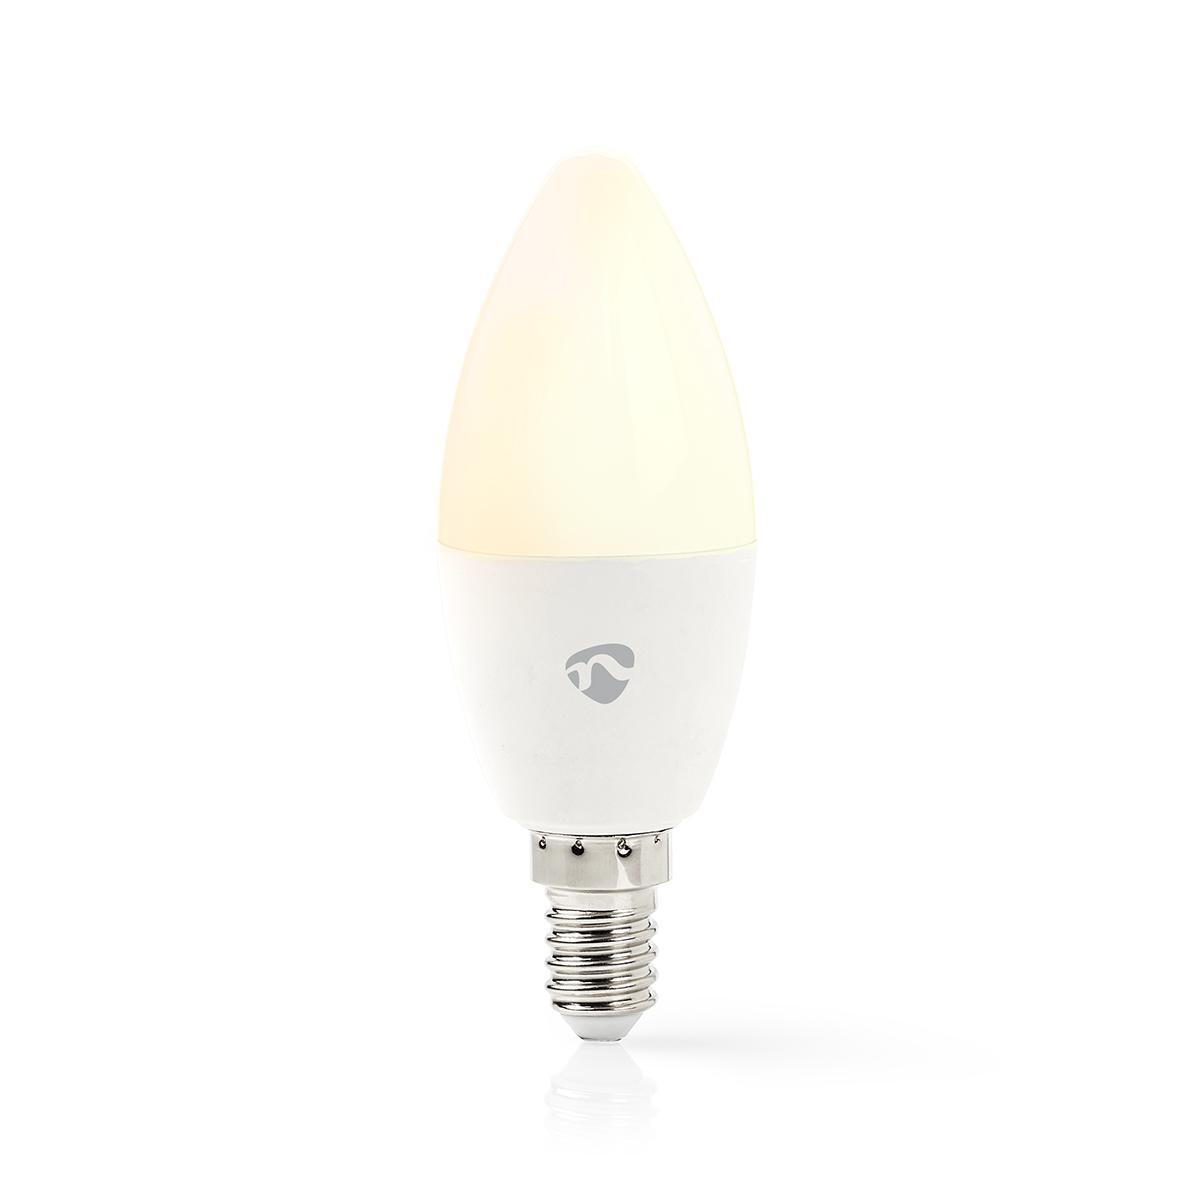 Slimme Led Lamp Wi-Fi - RGB en warm wit E14 - lamp aan